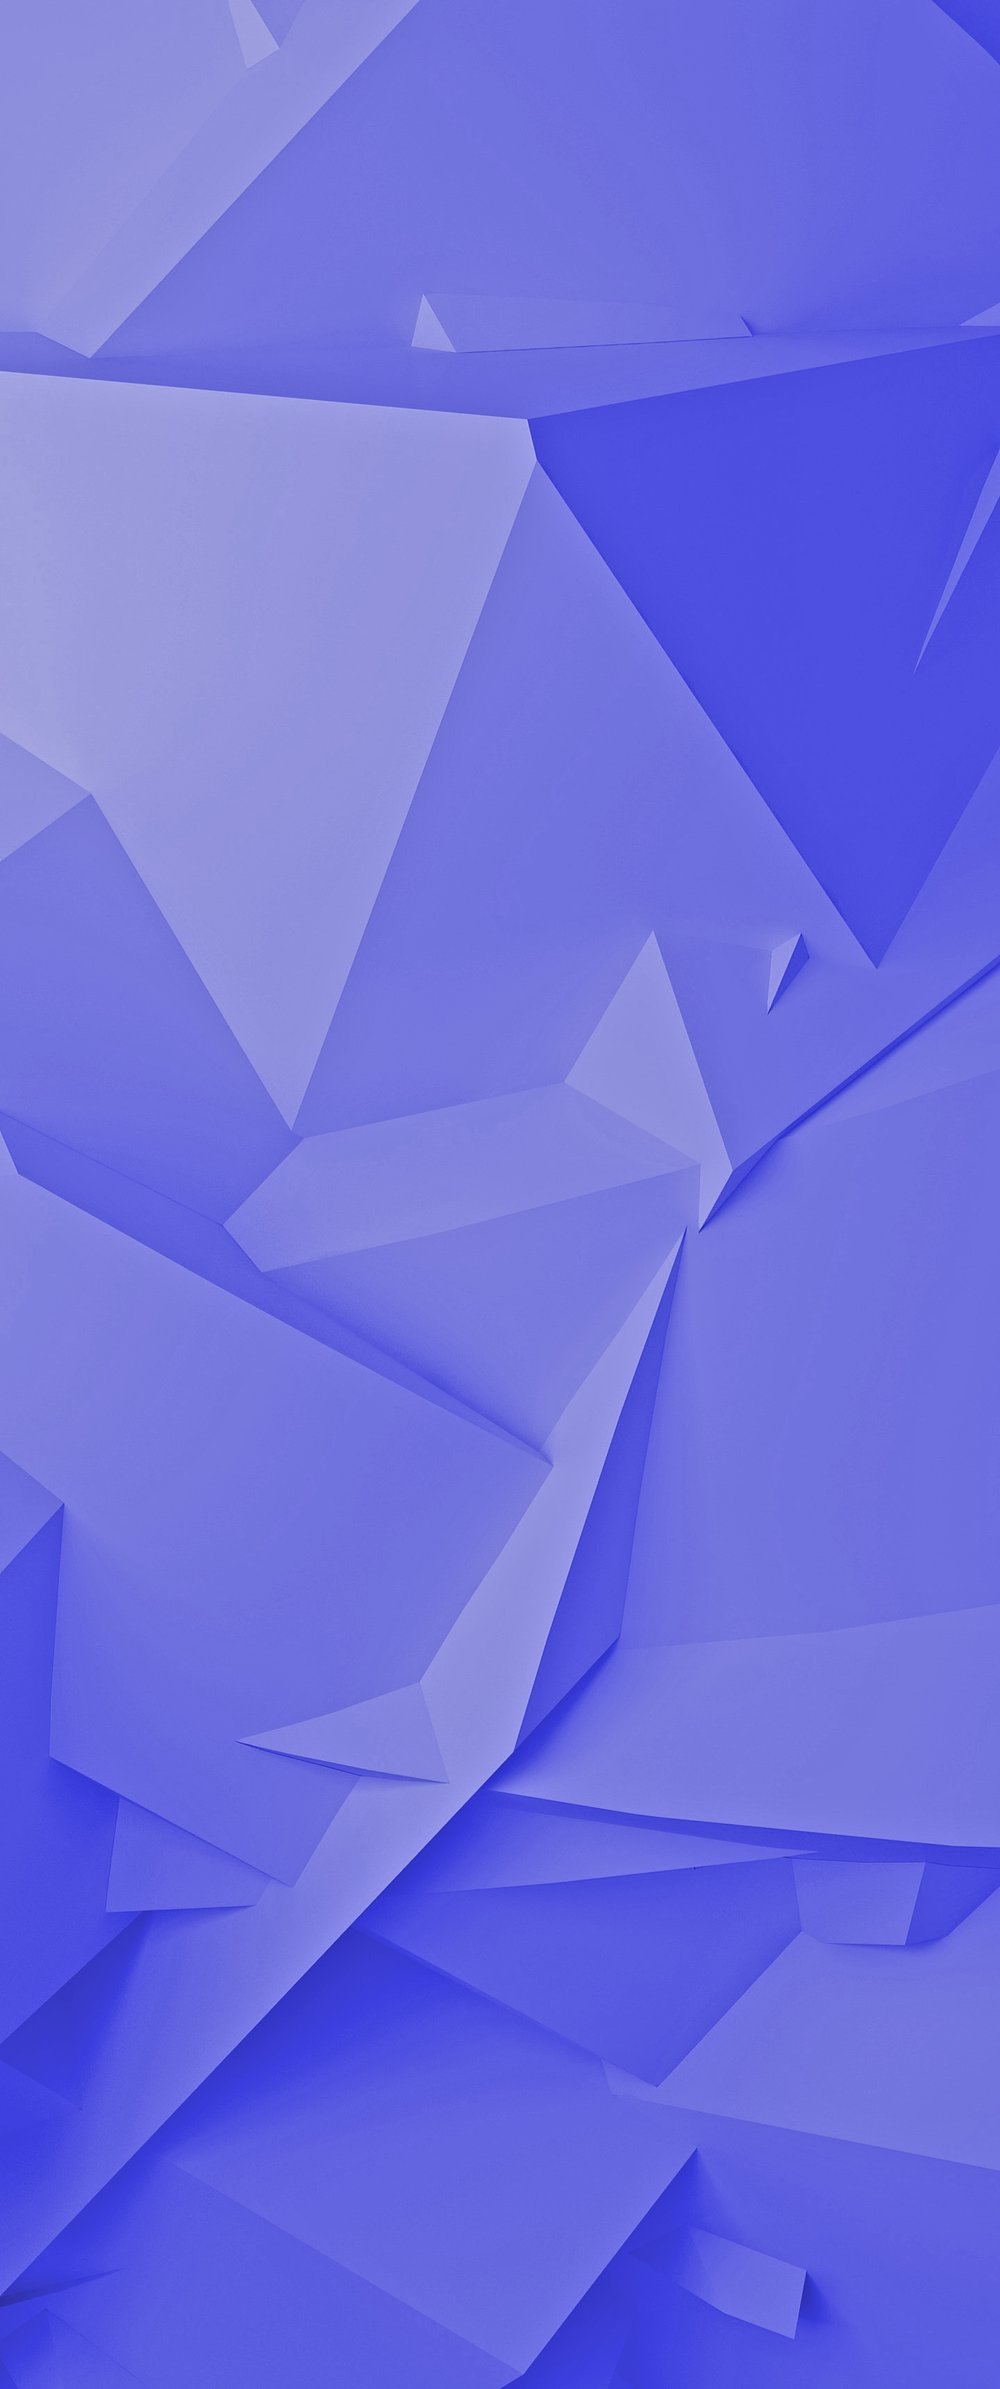 blue-salt-crystal-backgound.jpg